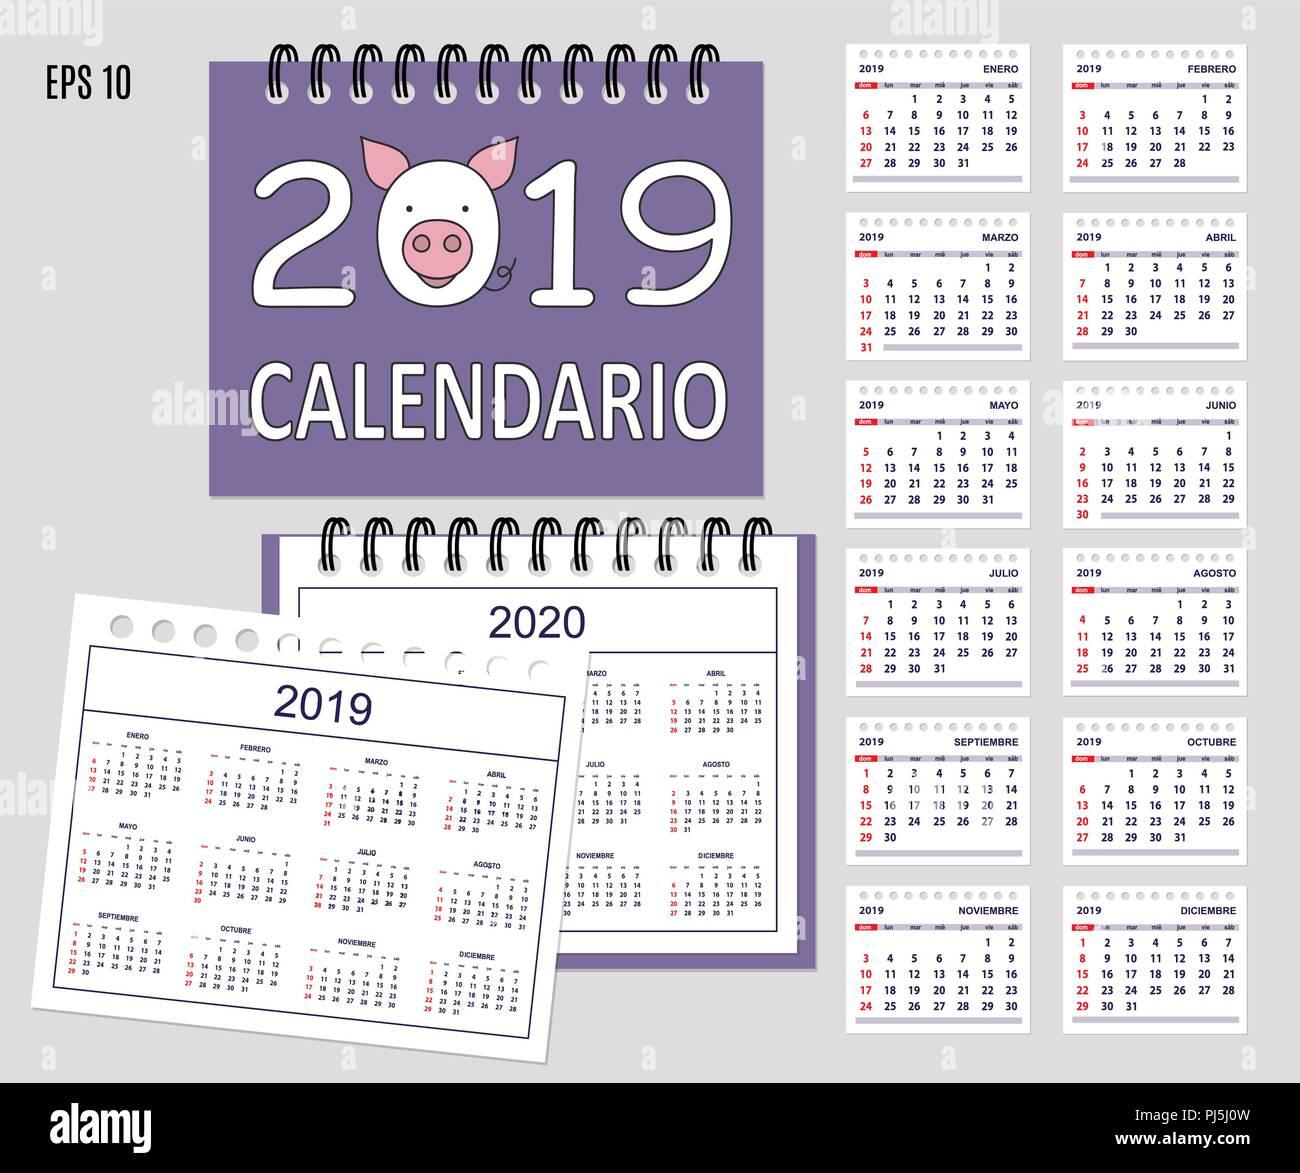 Calendario Con Le Settimane 2020.Escursioni Calendario 2019 Con Il Cartoon Muso Di Maiale Sul